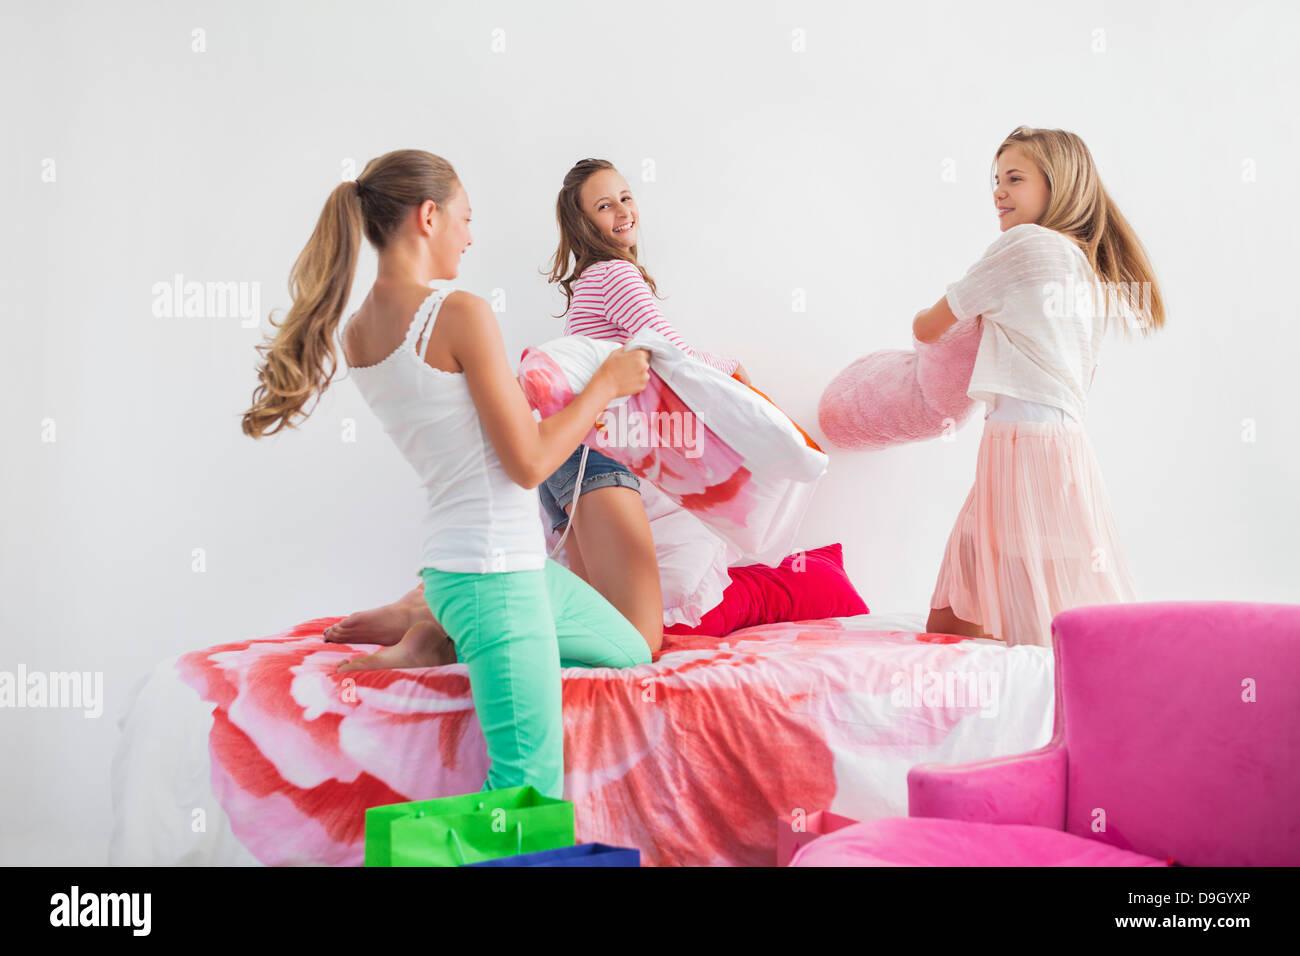 Mädchen, die Kissen auf dem Bett bei einer Pyjama-Party zu kämpfen Stockbild